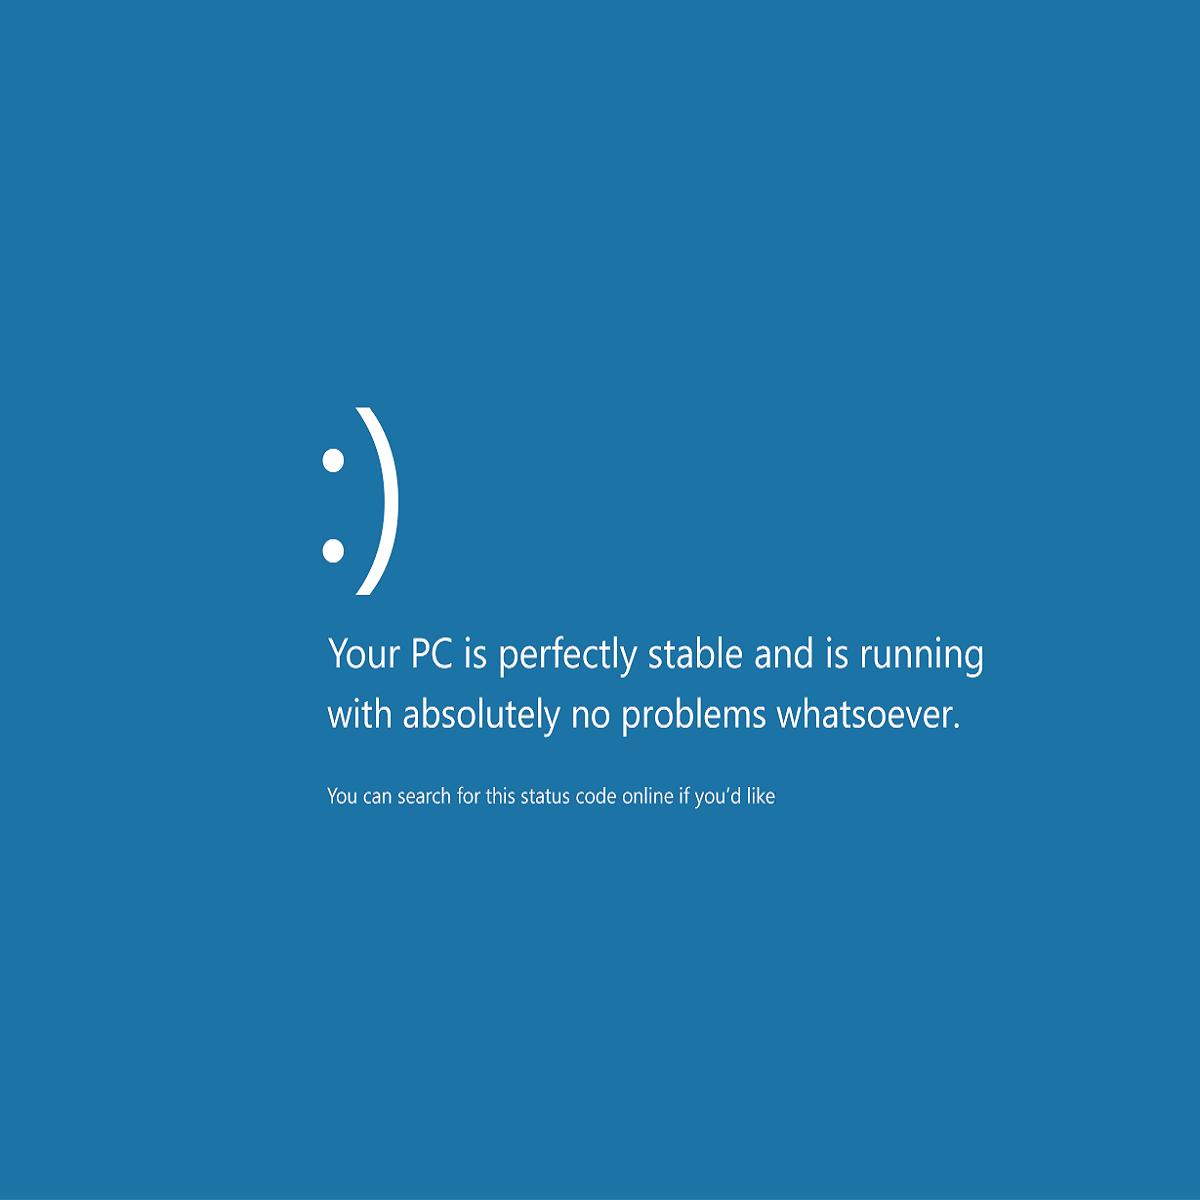 Błąd BAD POOL CALLER włączony Windows 10 [STEP-BY-STEP GUIDE]